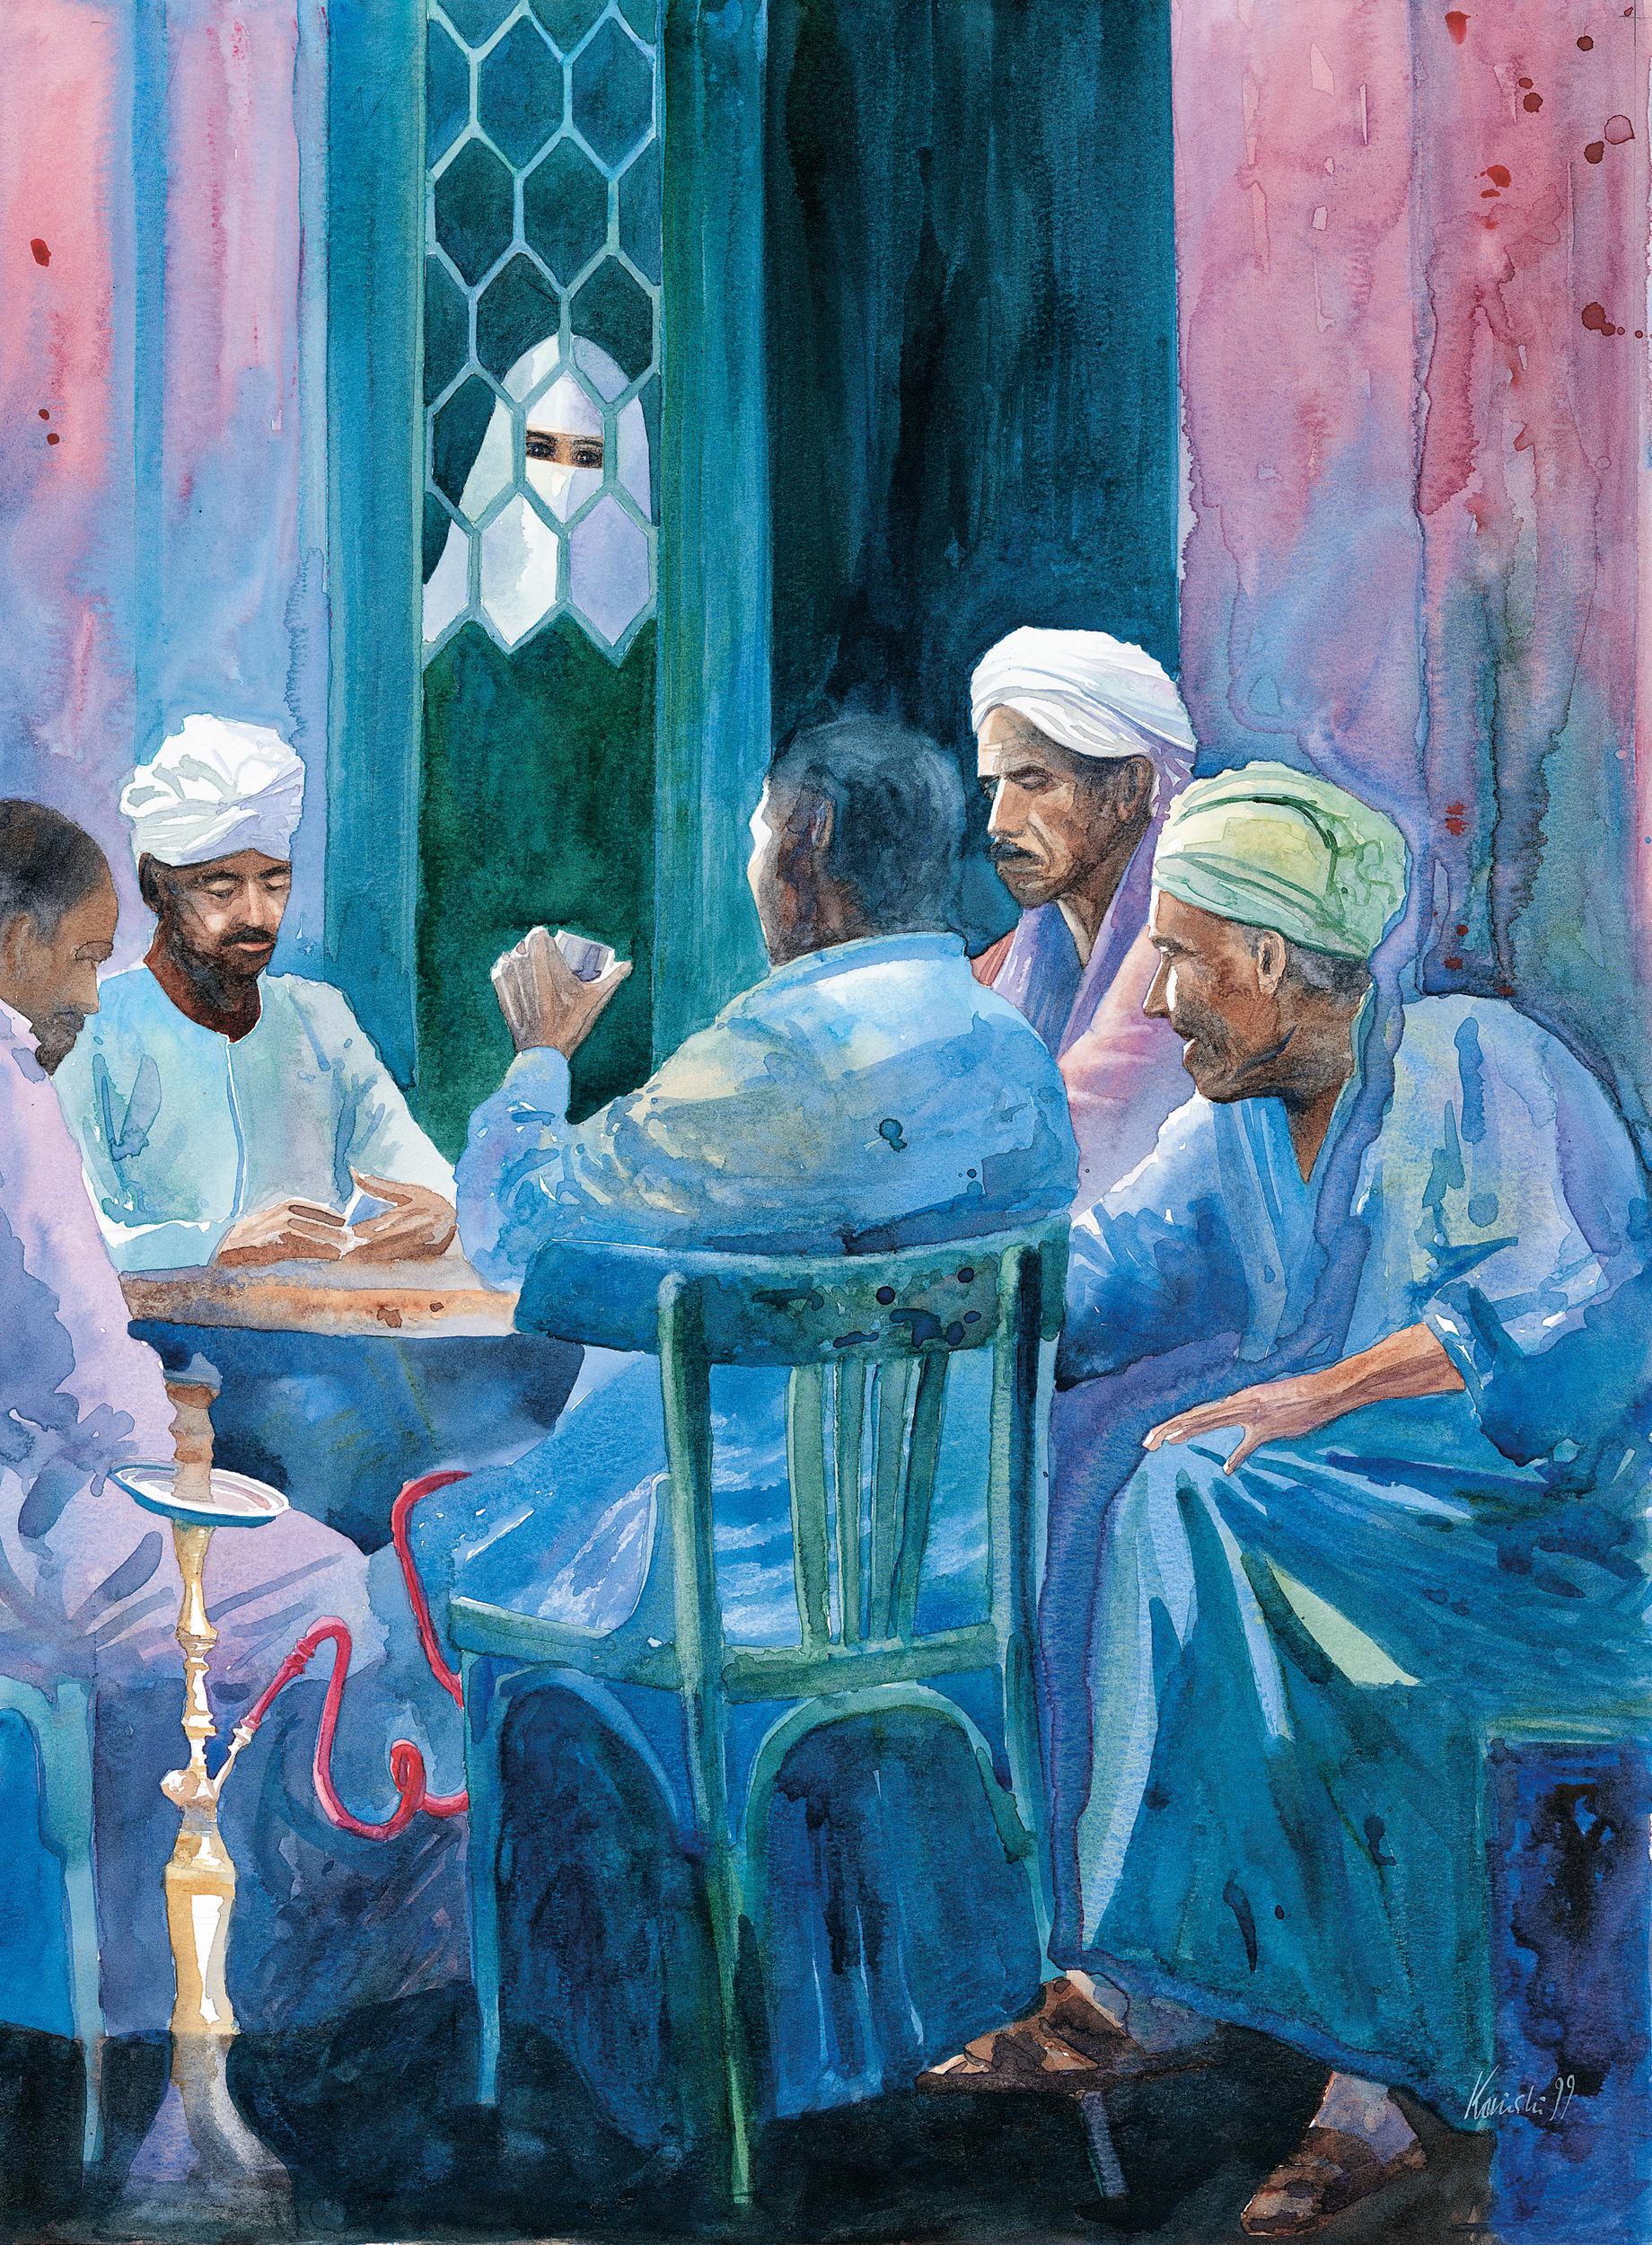 Domino Players, Aswan